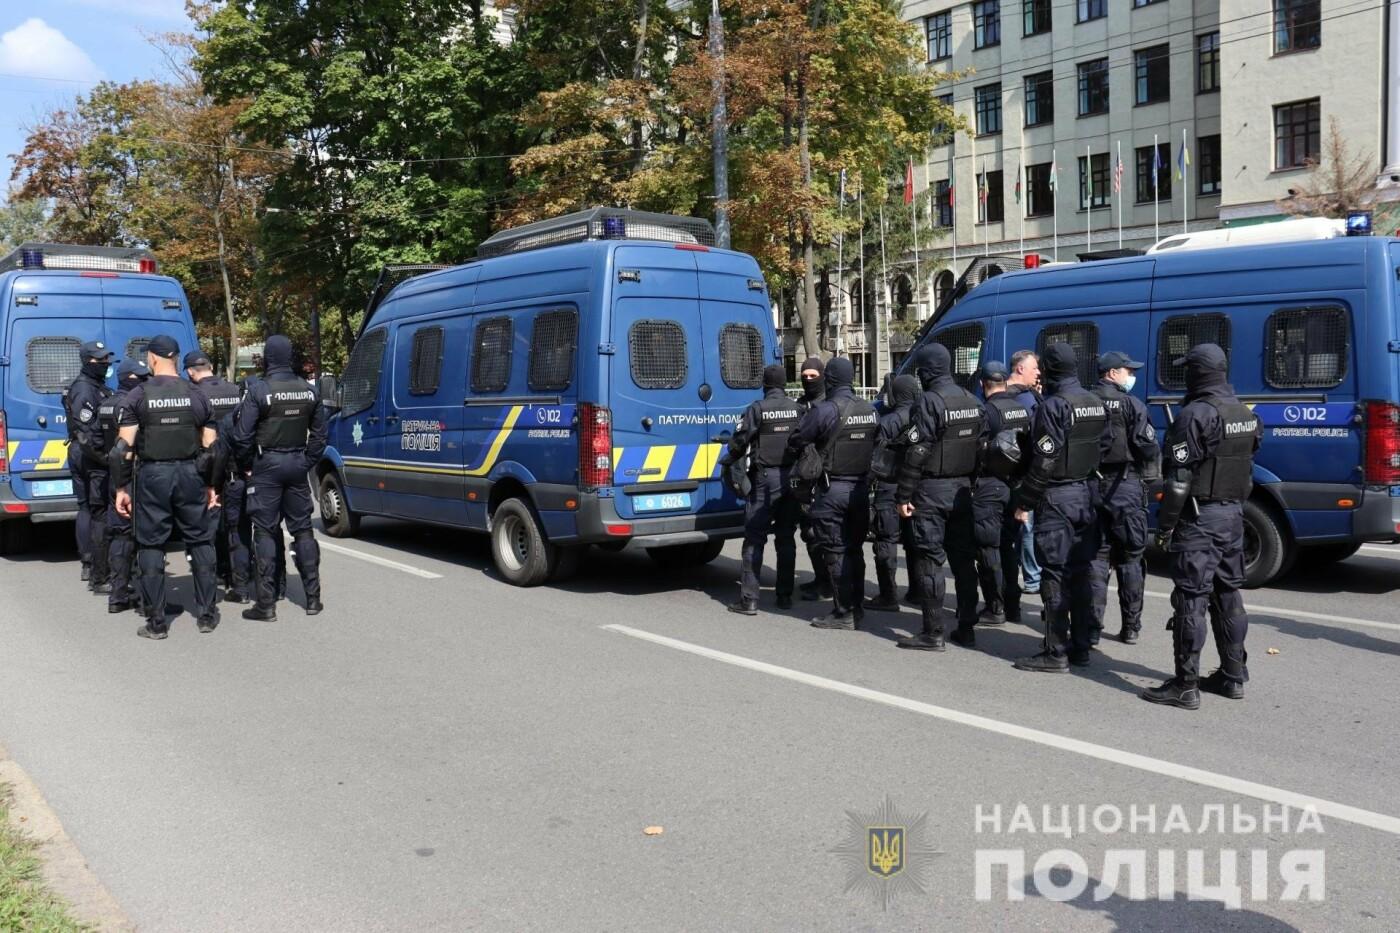 ЛГБТ-марш в центре Харькова: участников события охраняли более 1,2 тысячи силовиков с 40 единицами спецтехники, - ФОТО, фото-2